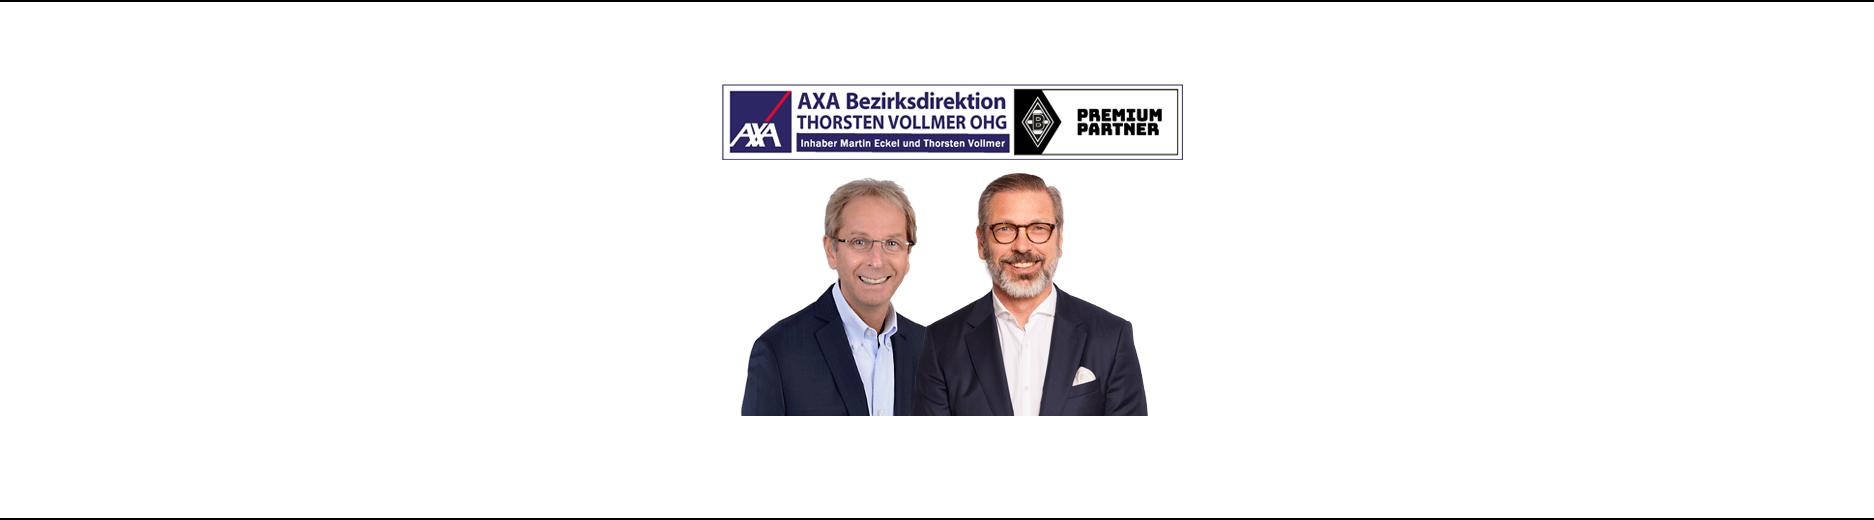 AXA Bezirksdirektion Thorsten Vollmer OHG aus Schwalmtal